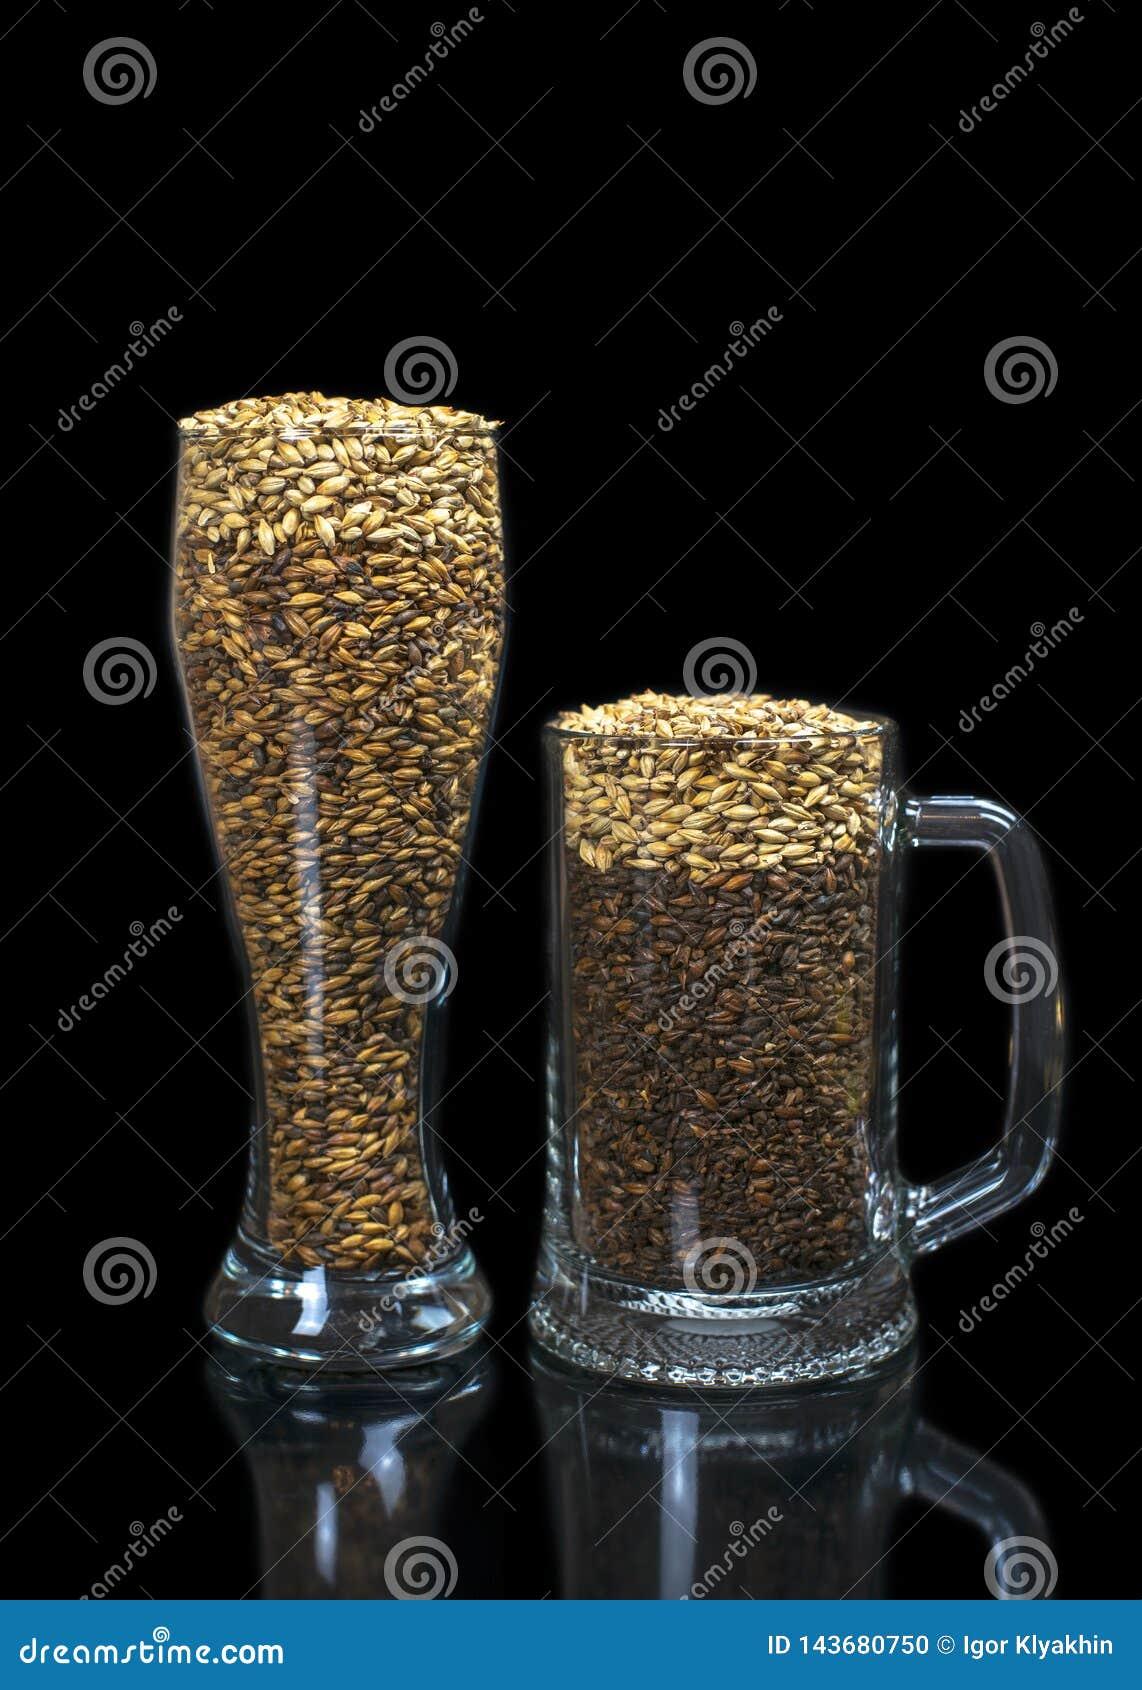 Konceptualna fotografia symuluje piwo od zmroku i ?wiat?a s?odu w piwnym szkle